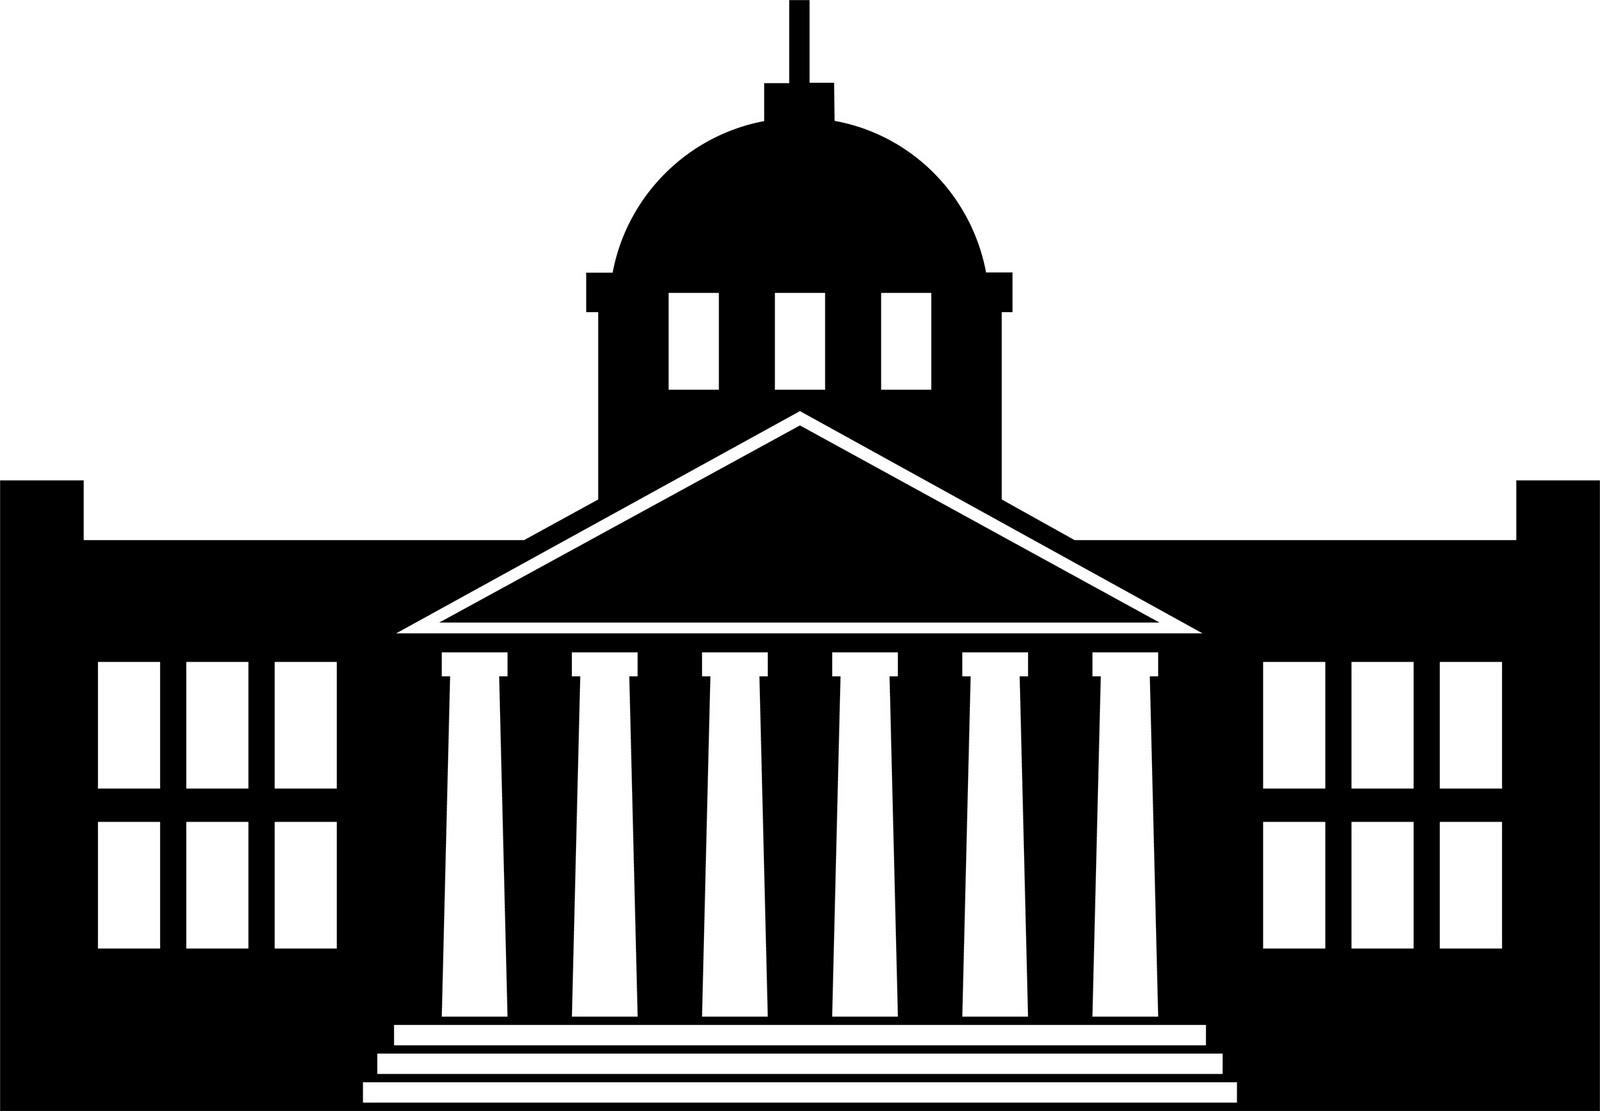 White house legislative house clipart clipart free download Free State House Cliparts, Download Free Clip Art, Free Clip ... clipart free download